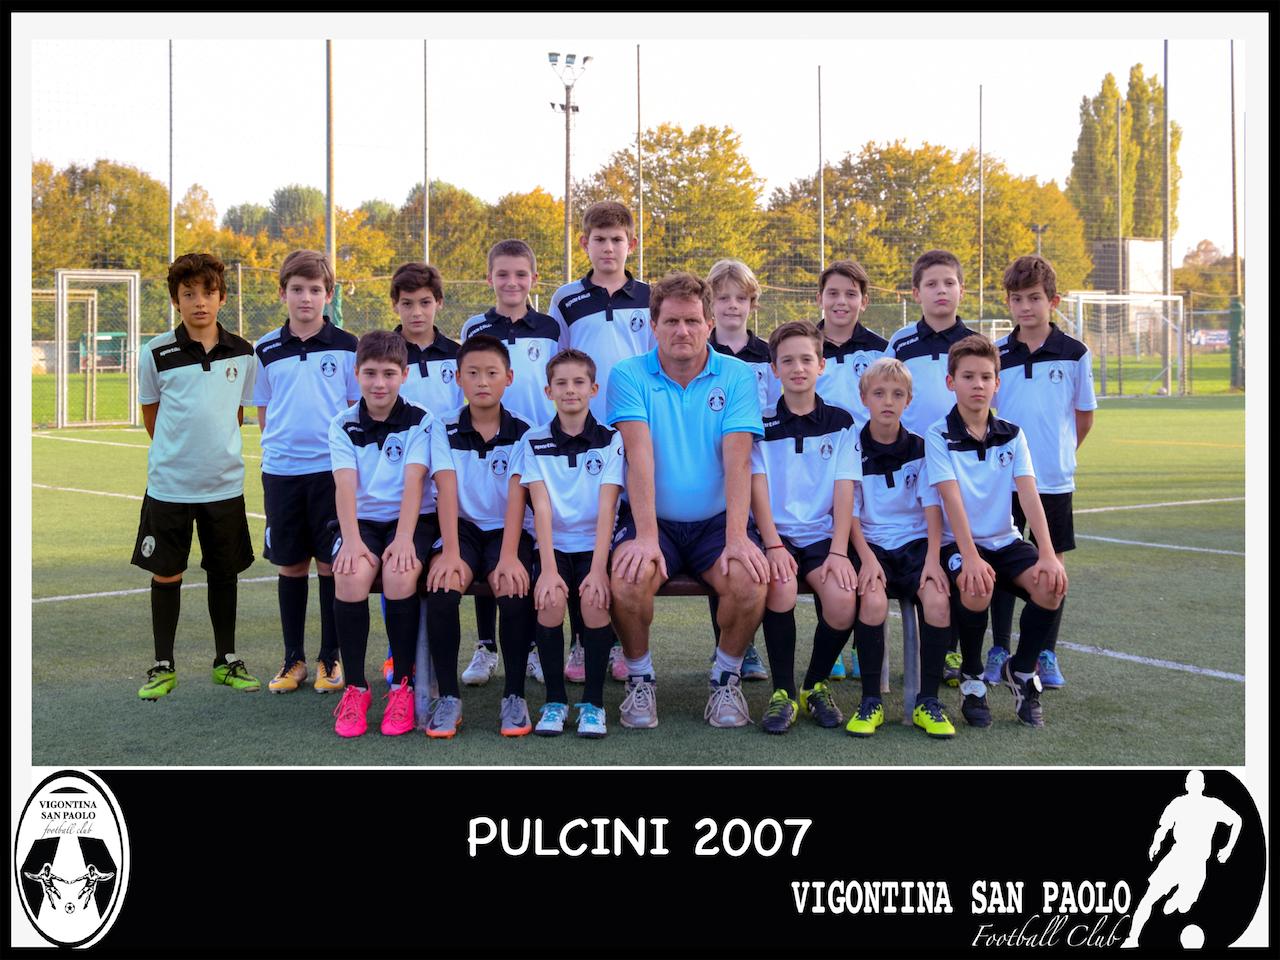 2007 Pulcini